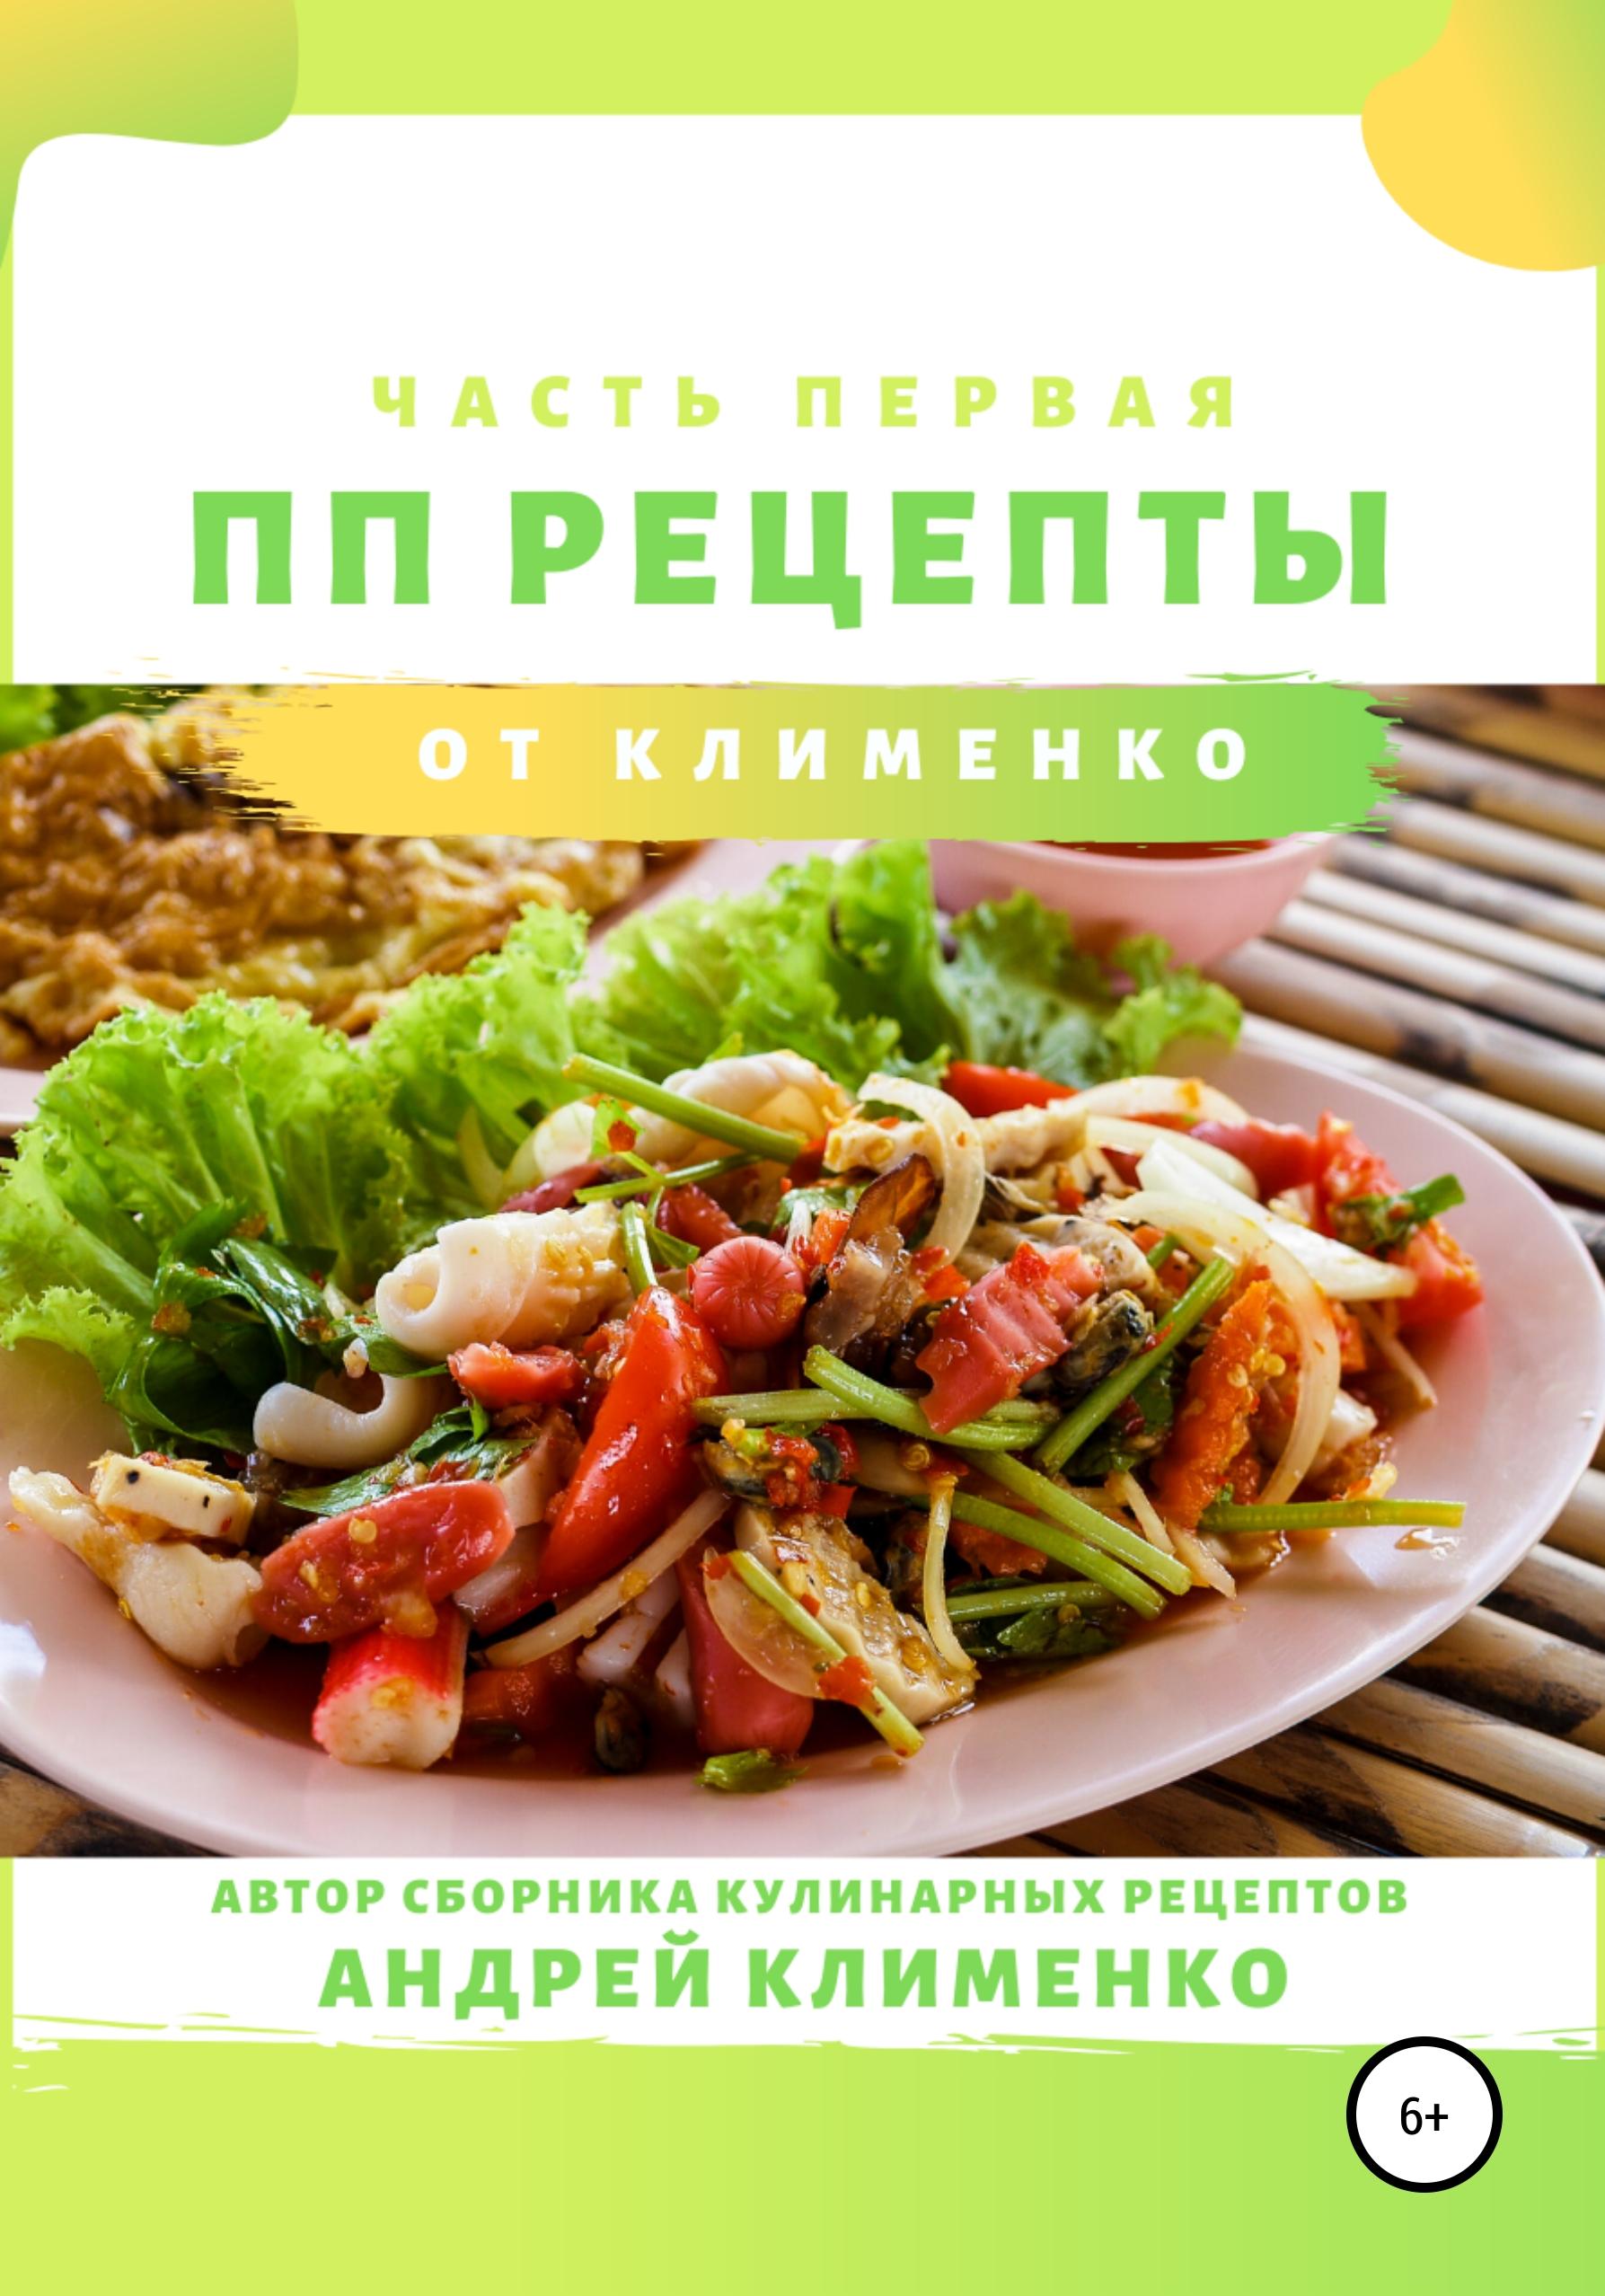 Андрей Алексеевич Клименко ПП-рецепты: часть первая